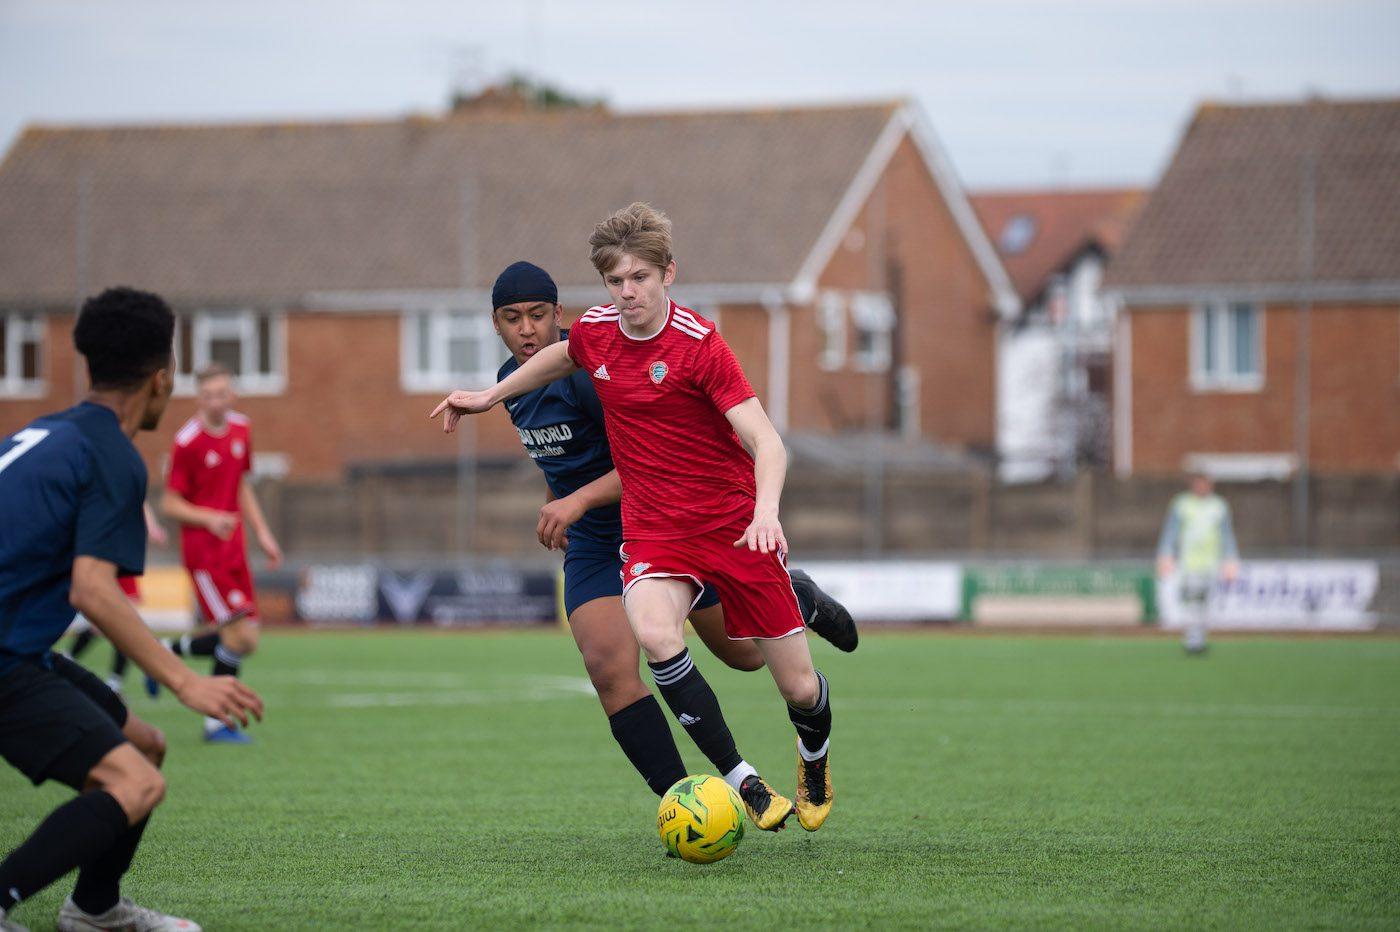 HIGHLIGHTS: Academy 3-2 Carshalton Athletic [H] – League